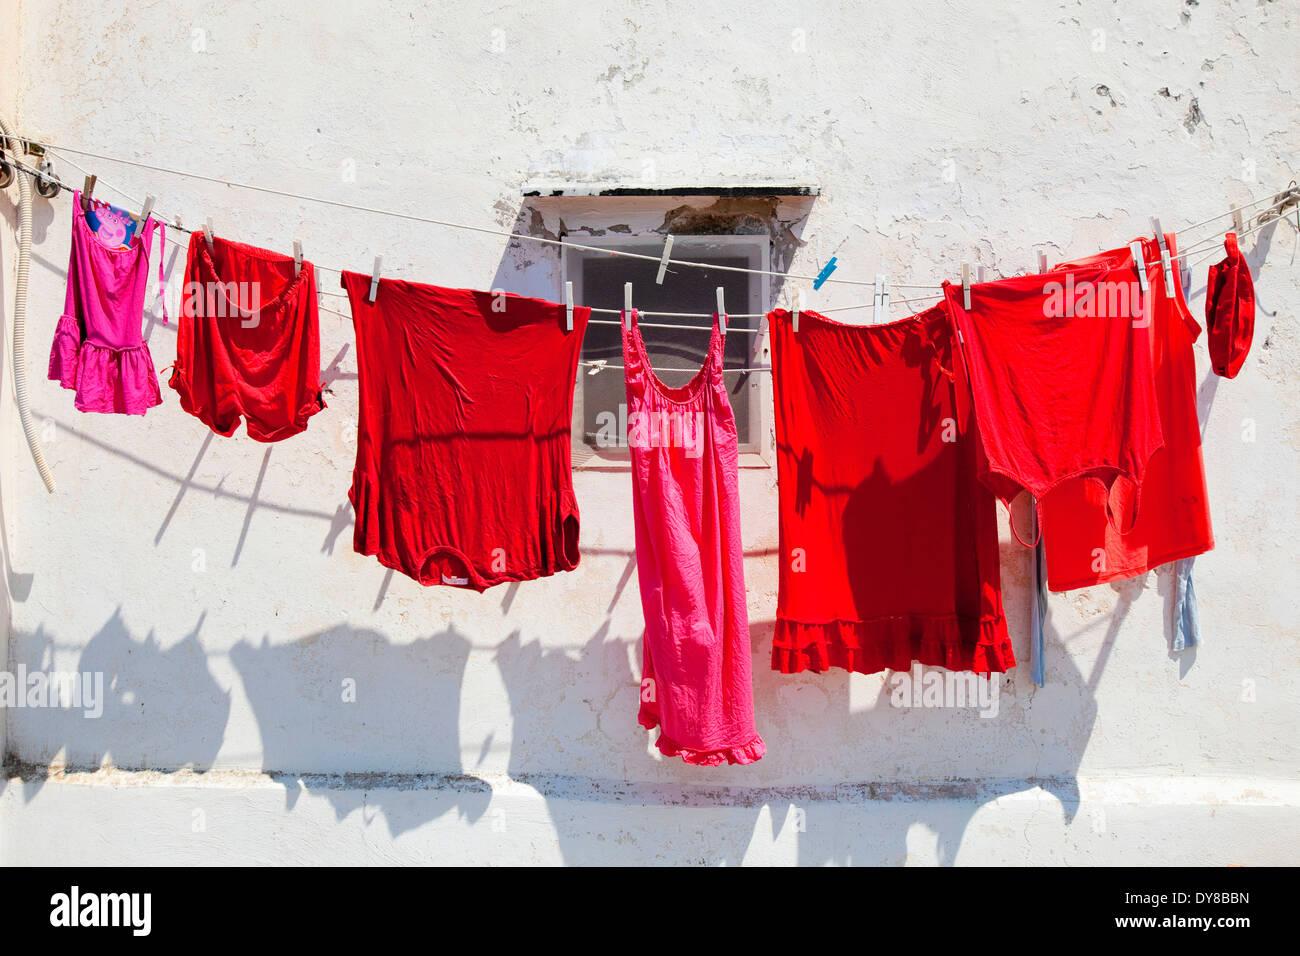 Pulire brillante clip per abiti abiti abiti di linea pin cavo abbigliamento giorno di asciugatura a secco appendere appeso faccende di casa Italia linea bucato, Immagini Stock